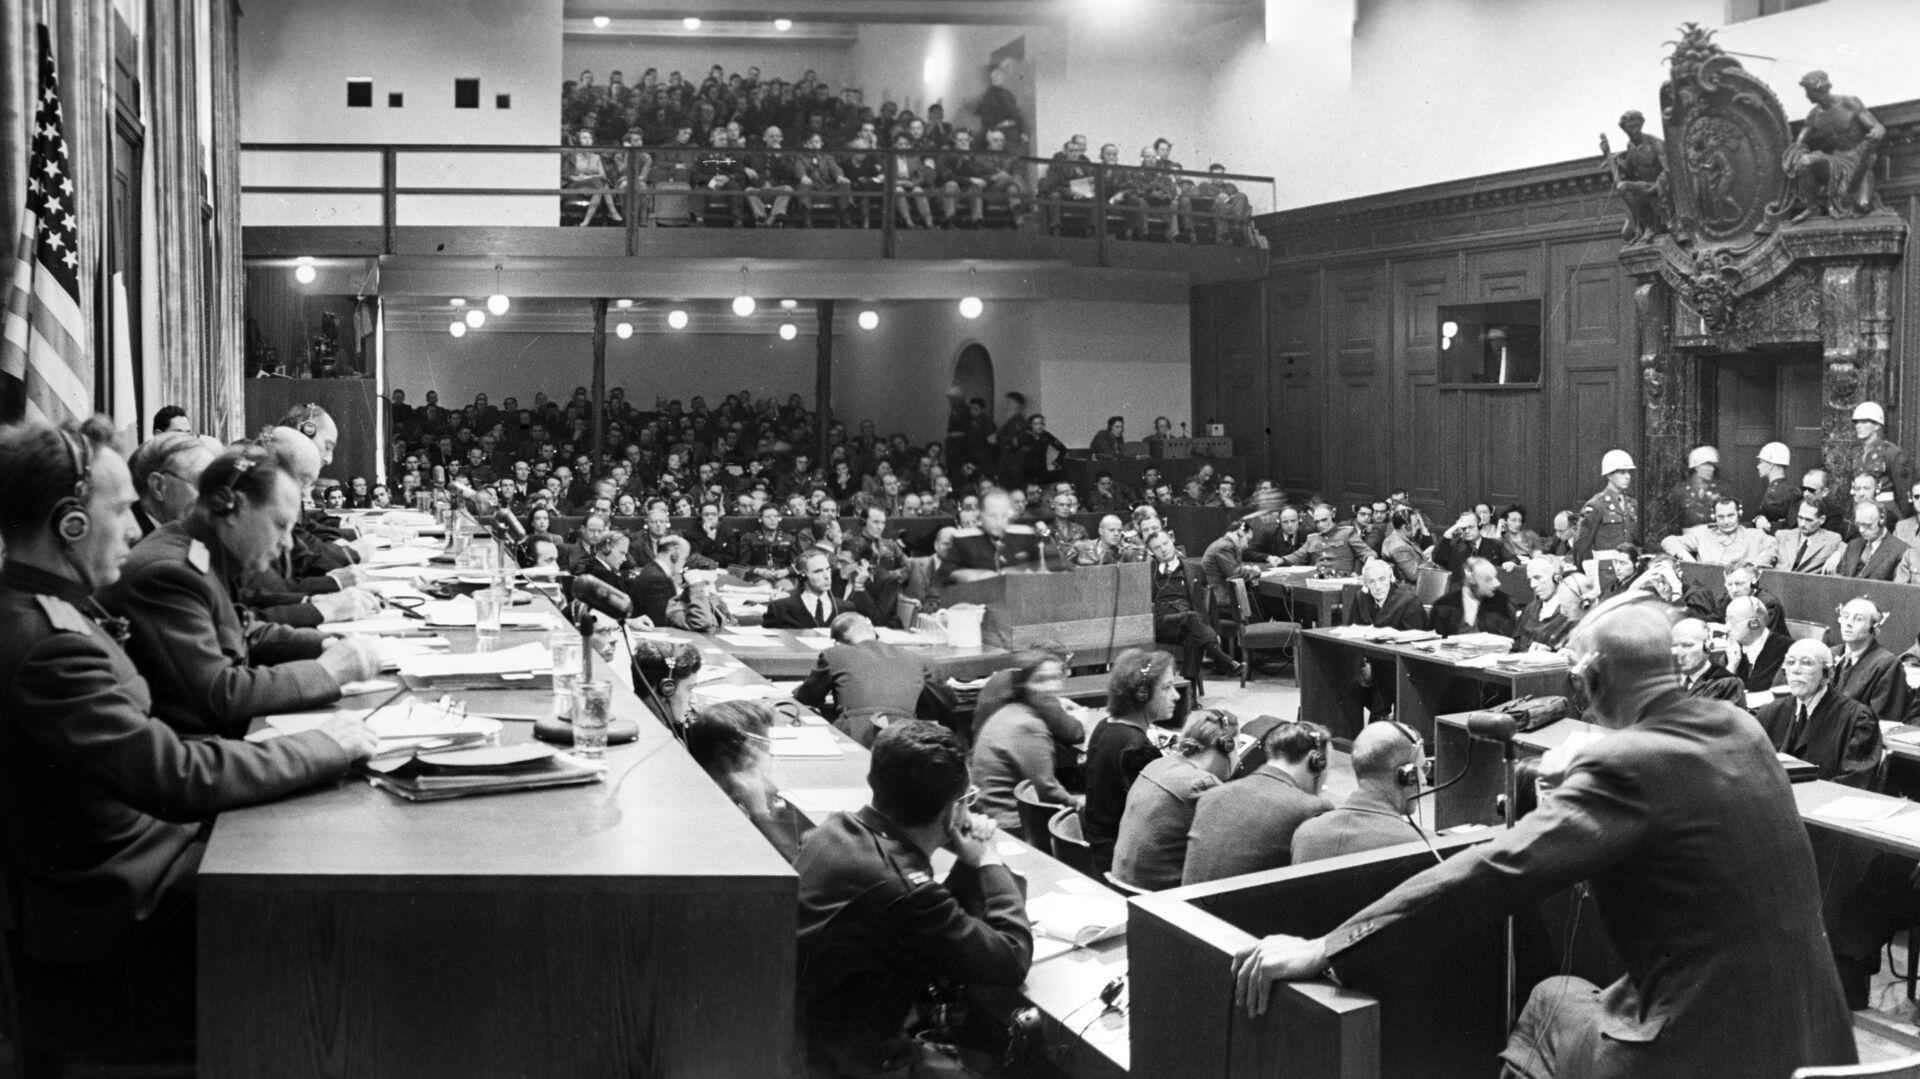 Одно из заседаний Международного военного трибунала - РИА Новости, 1920, 28.01.2021